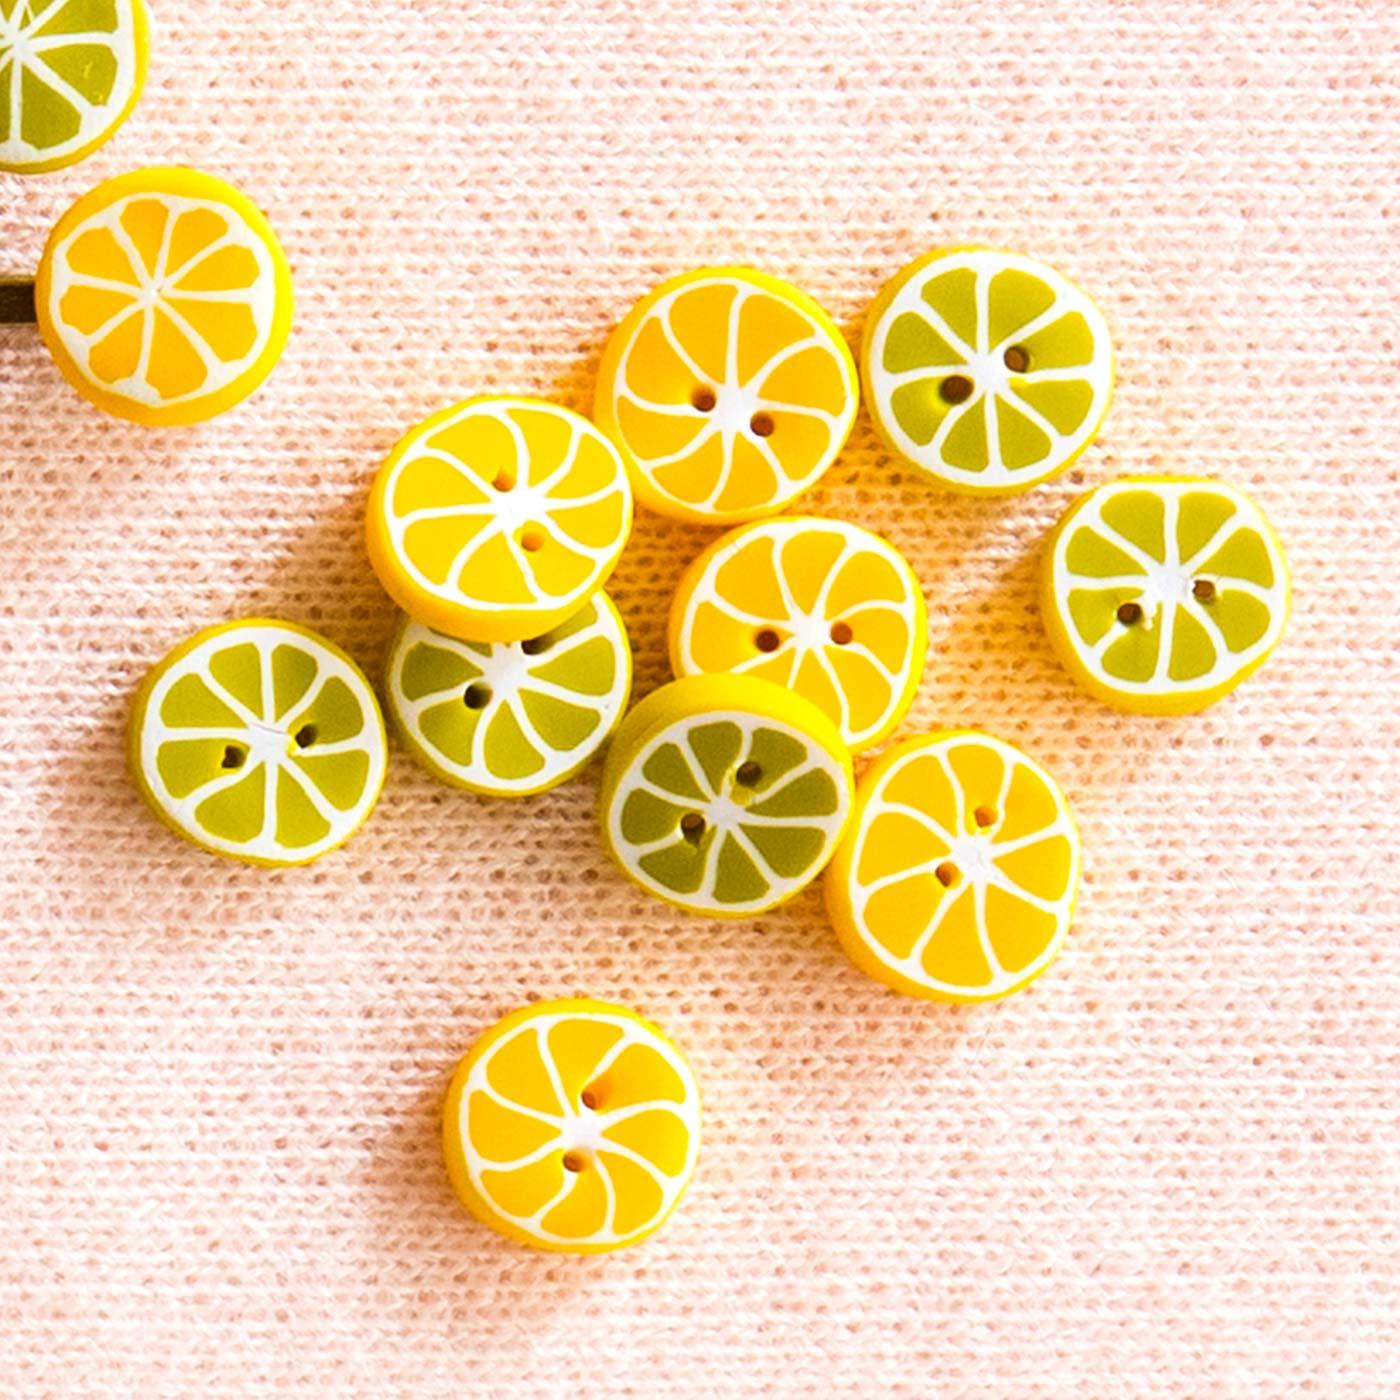 1回のお届けで作れるボタンの量(レモン約5個、ライム約5個)